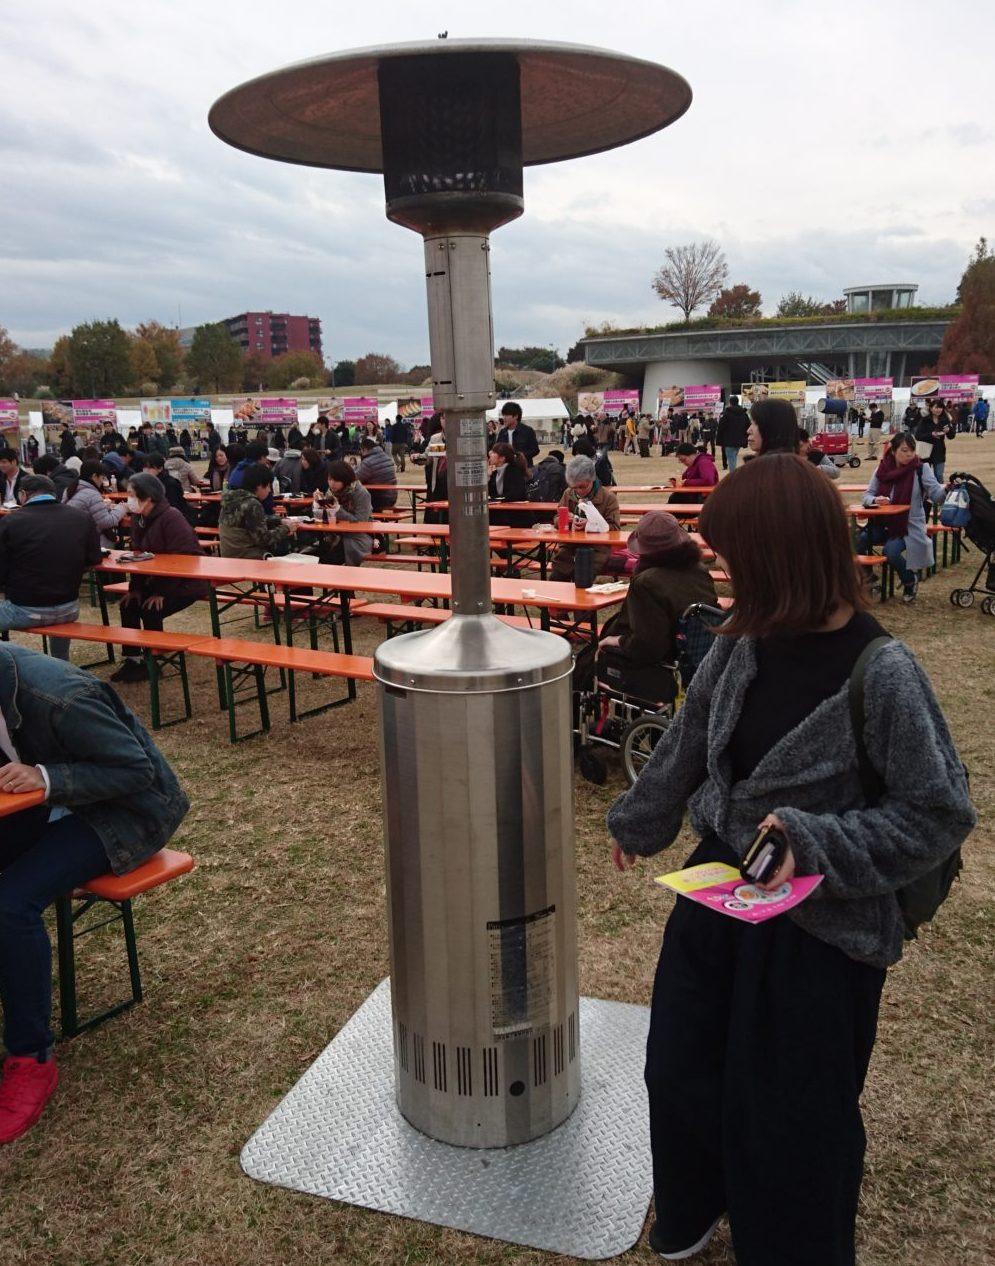 餃子フェス 国営昭和記念公園 2017